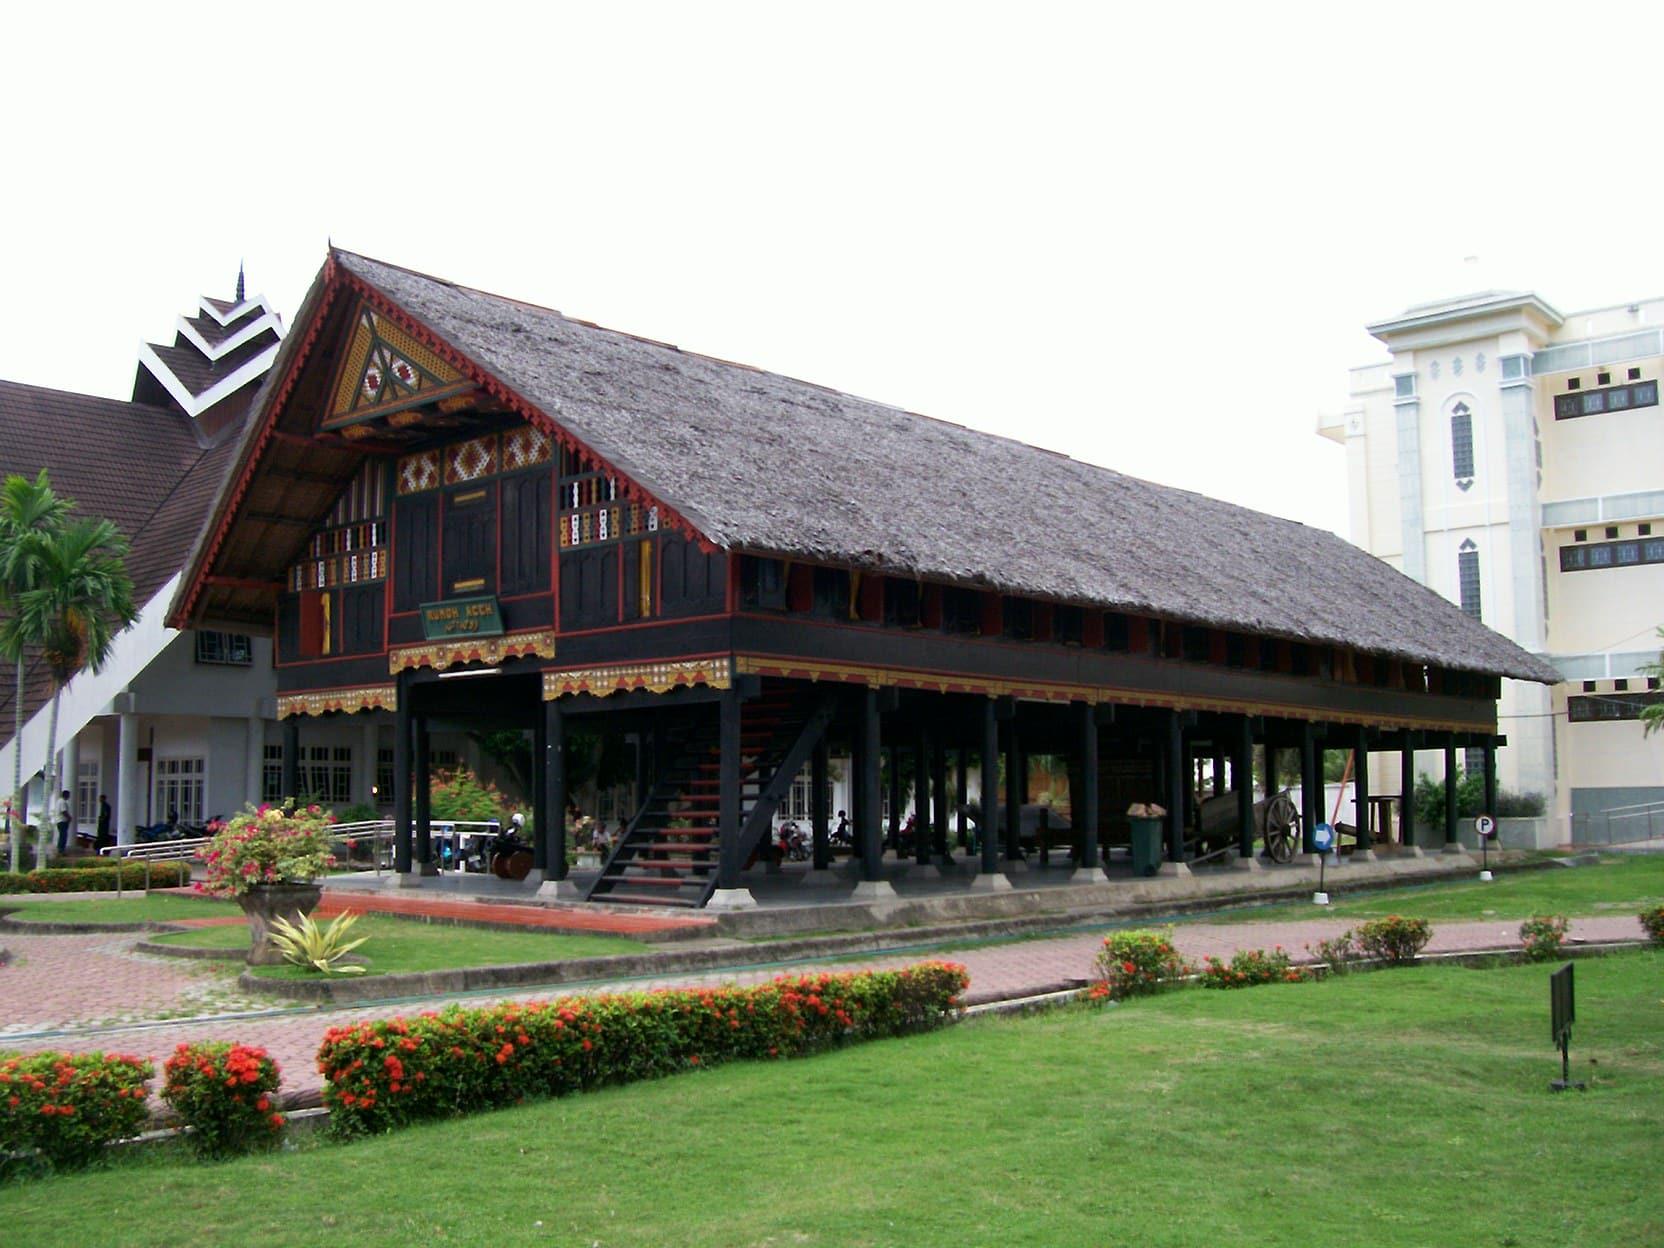 Desain Arsitektur Rumah adat Aceh